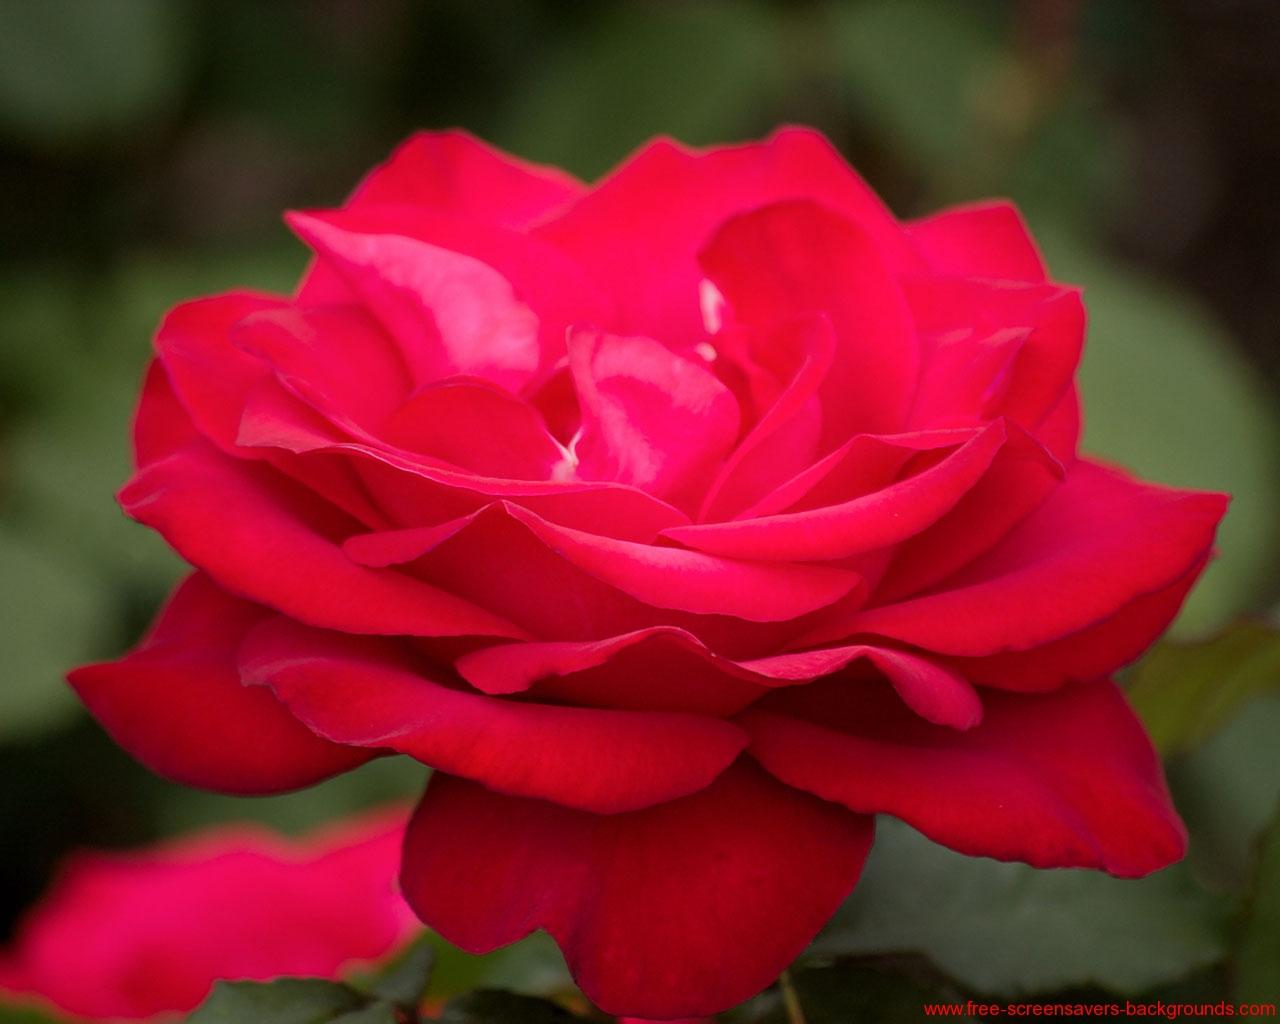 Roses screensaver wallpaper wallpapersafari - Rose screensaver ...